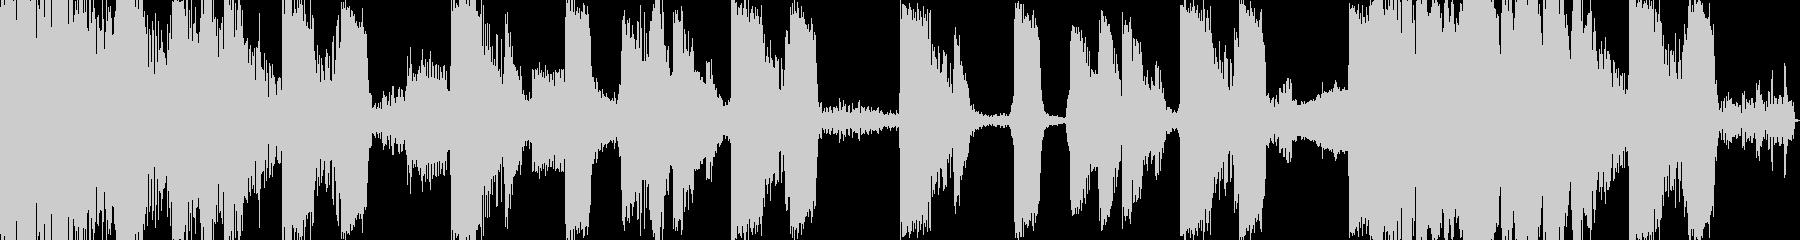 ジャズ風のローズピアノのコードとブ...の未再生の波形